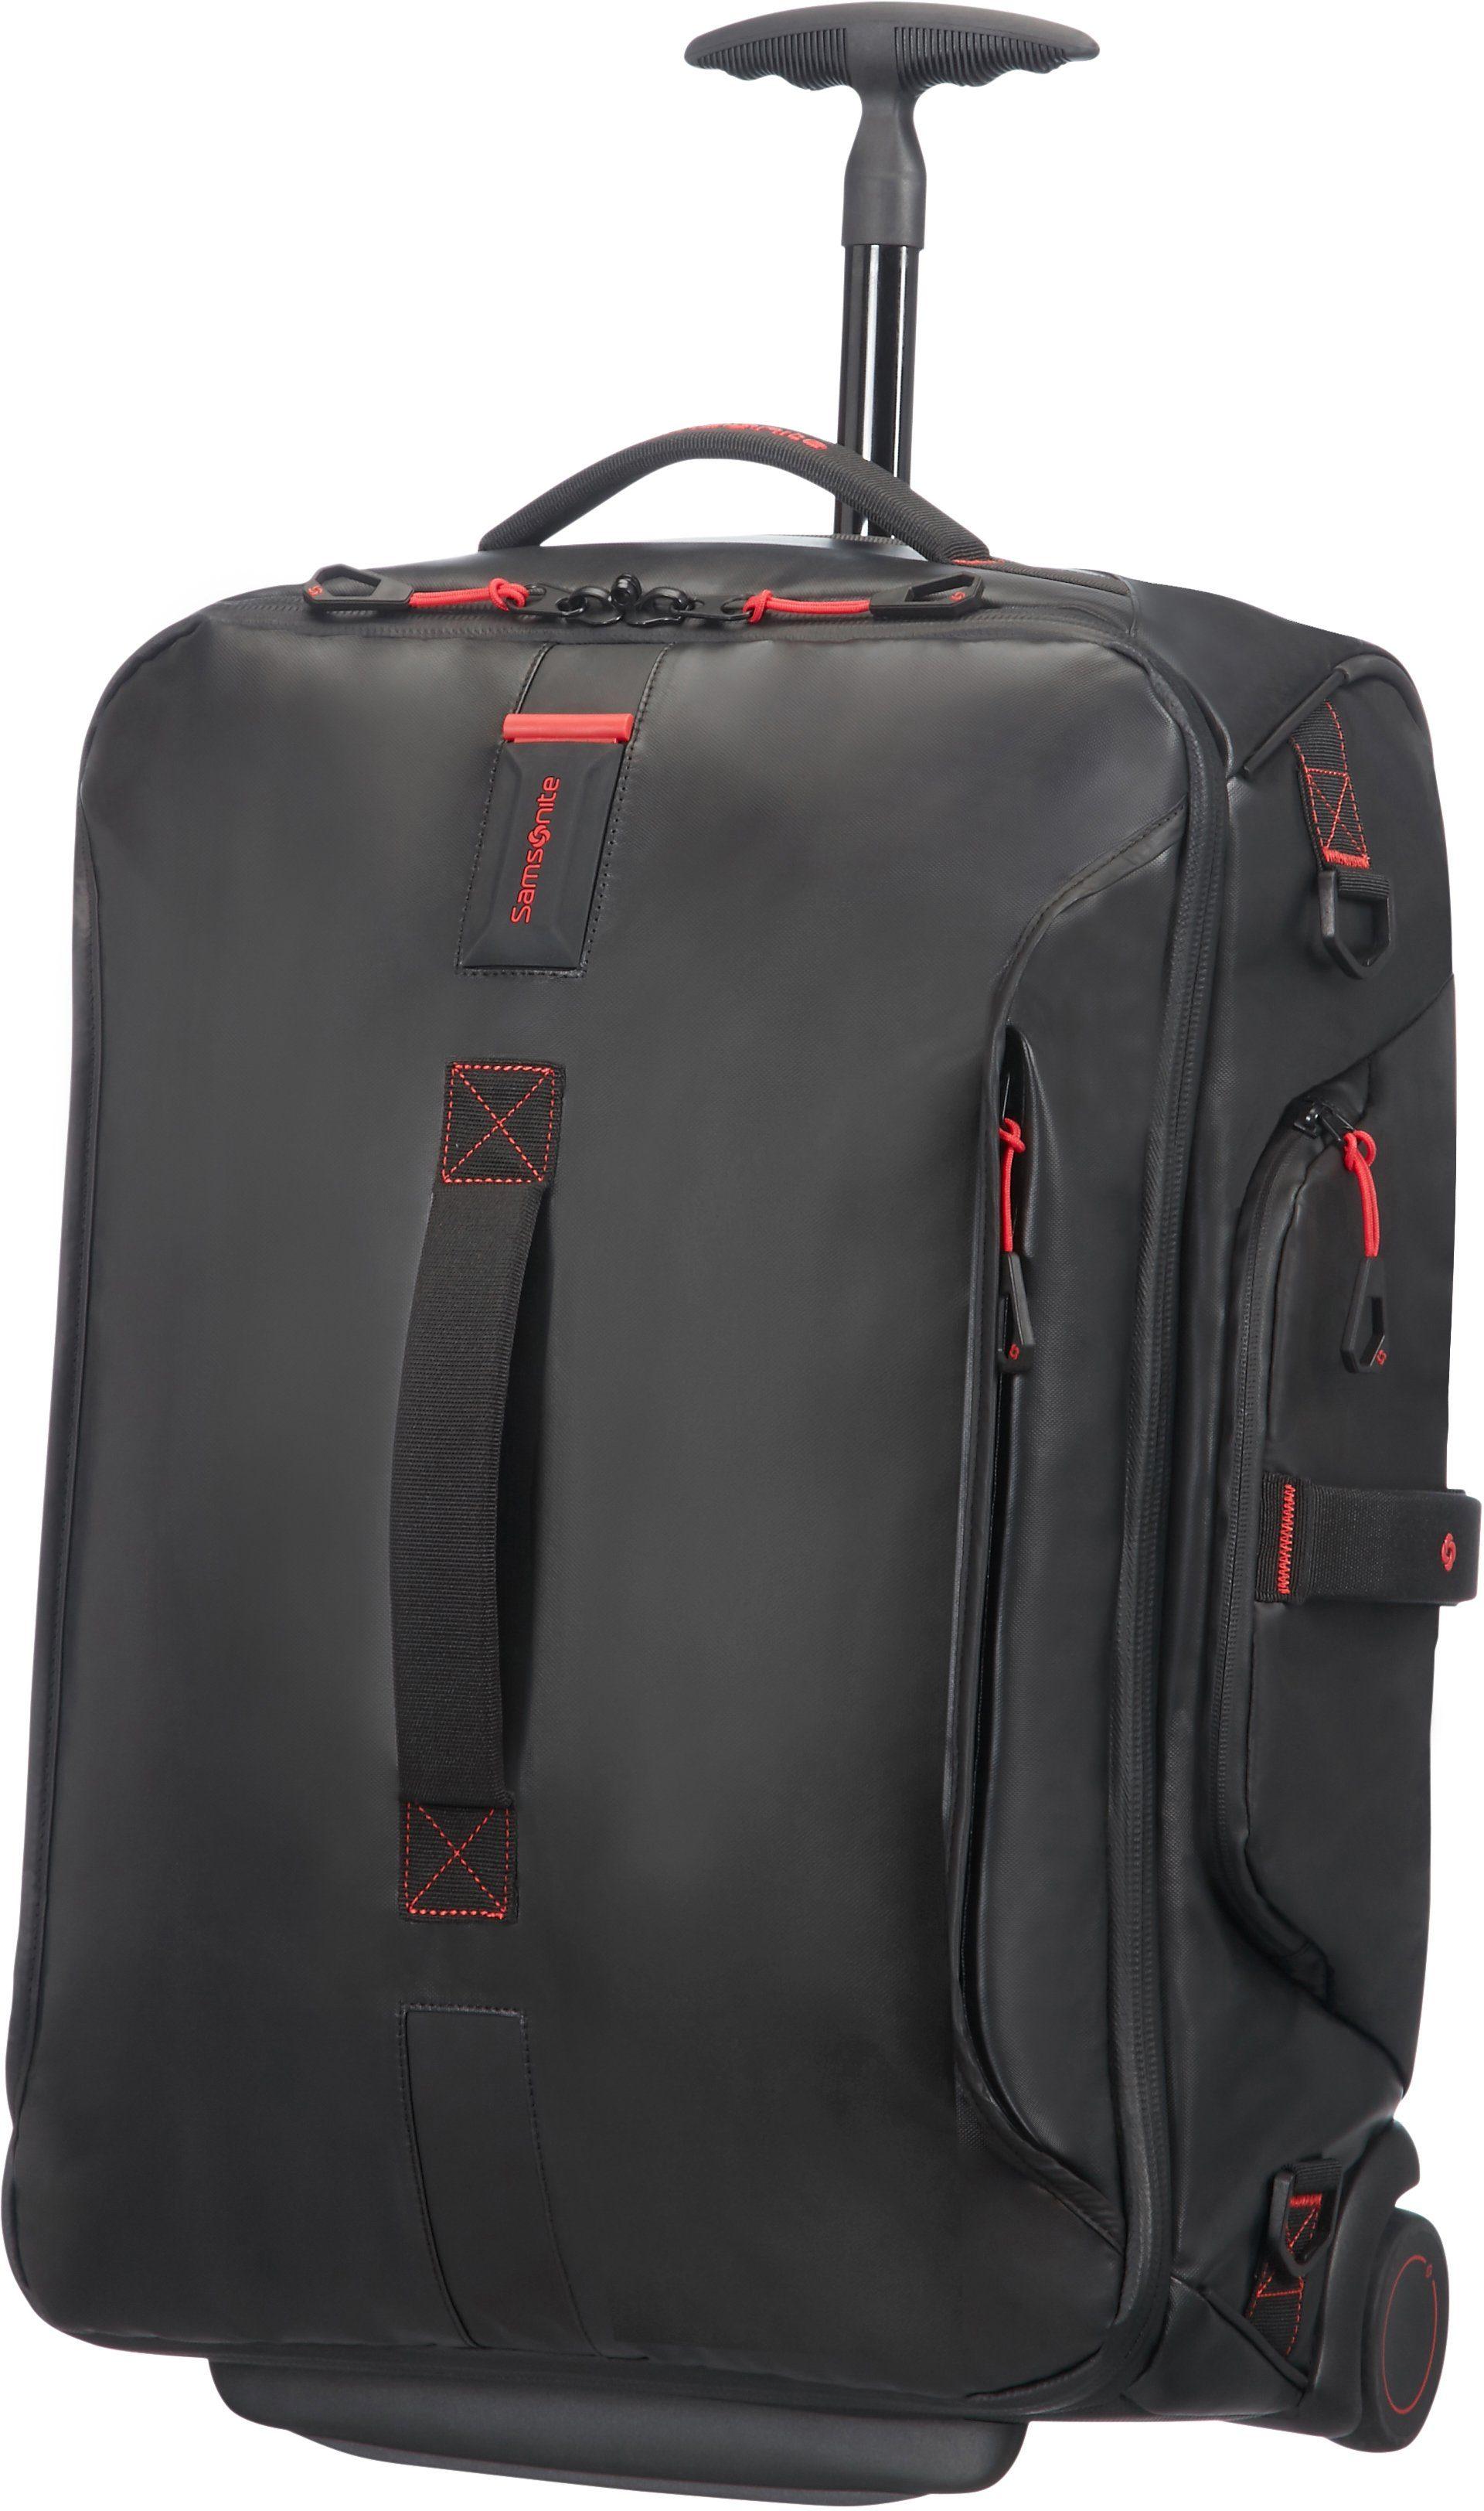 Samsonite Reisetasche mit 2 Rollen, Trolley und Rucksackfunktion, »Paradiver Light«